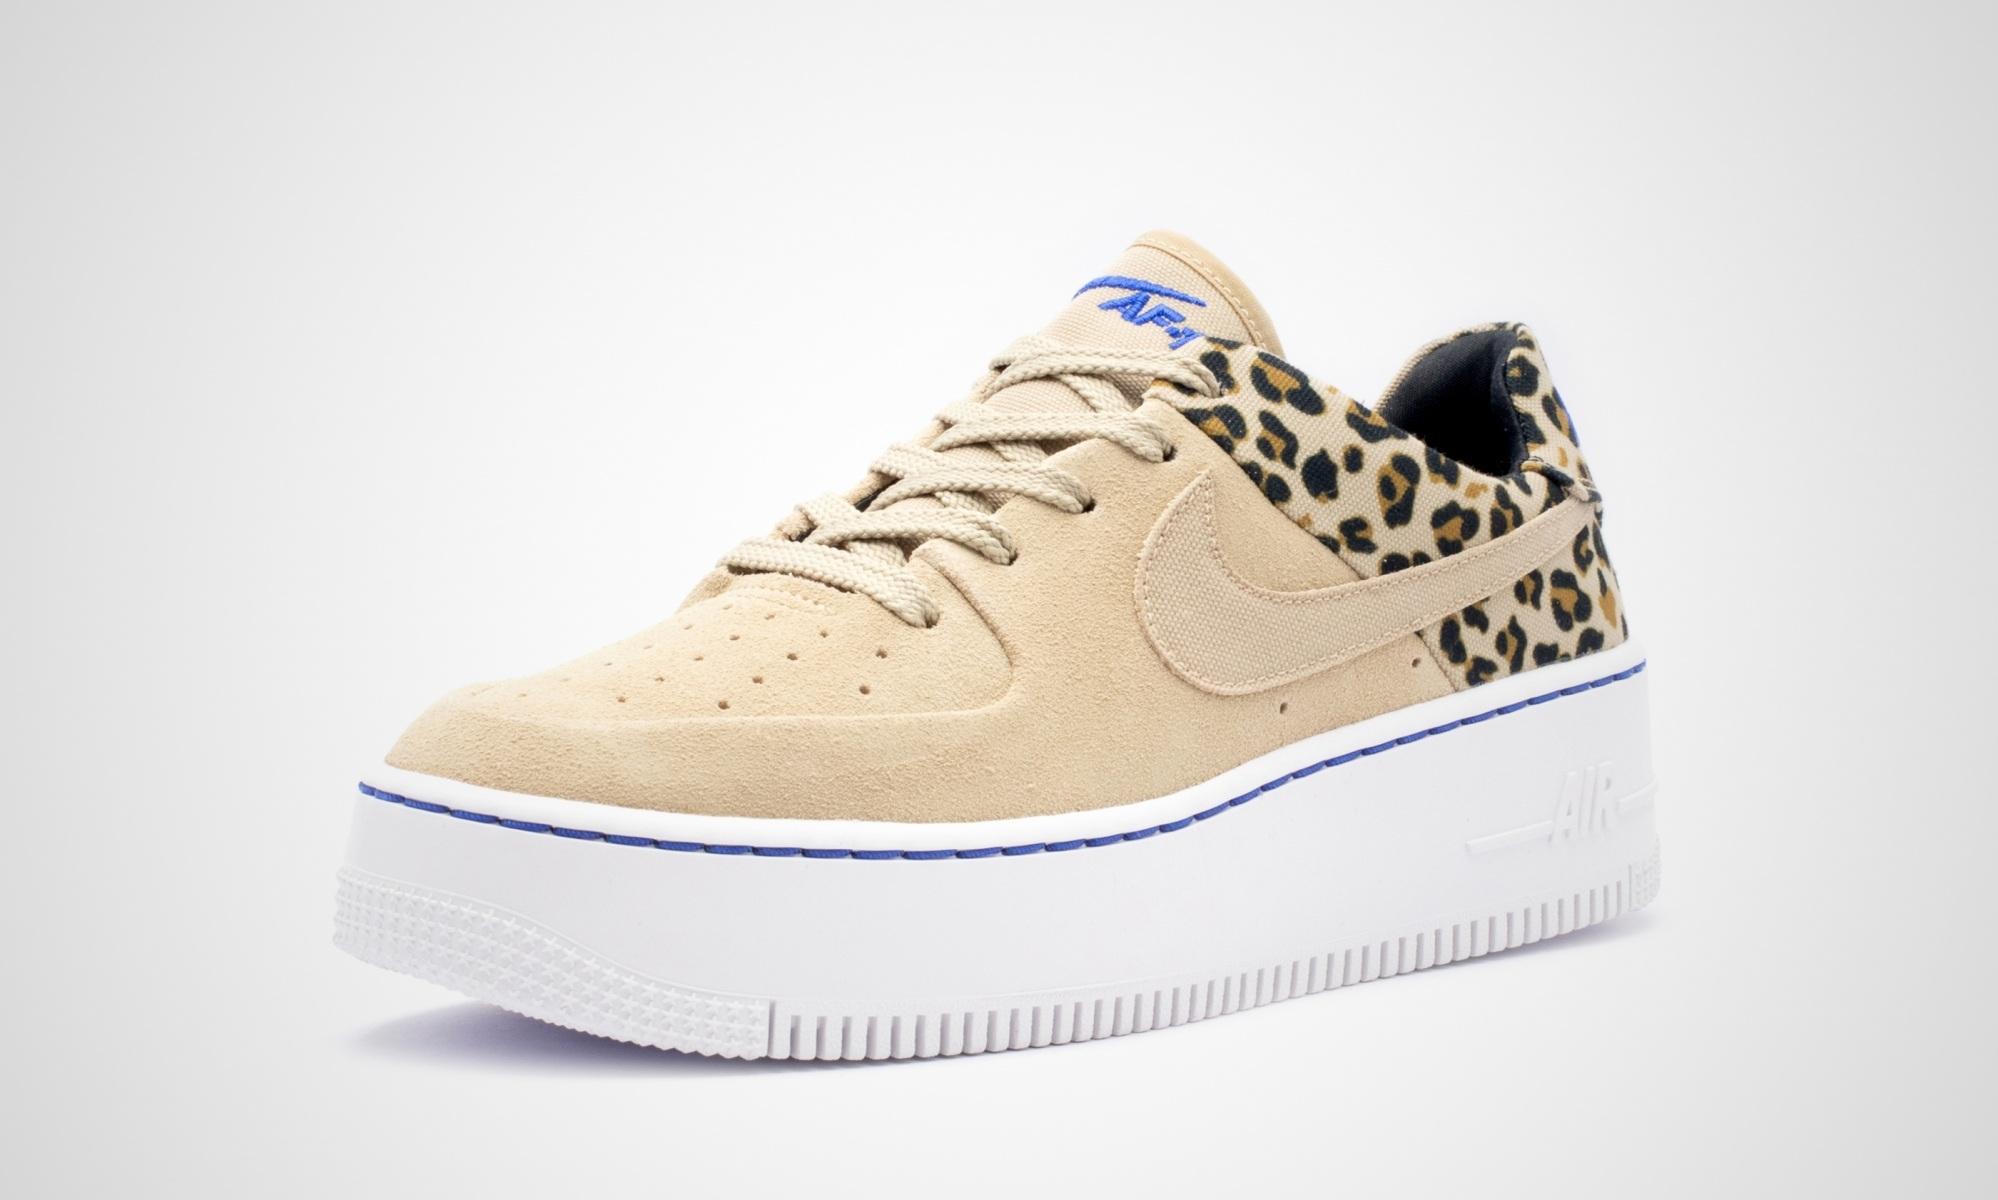 Nike WMNS Air Force 1 Sage Low PRM Leopard